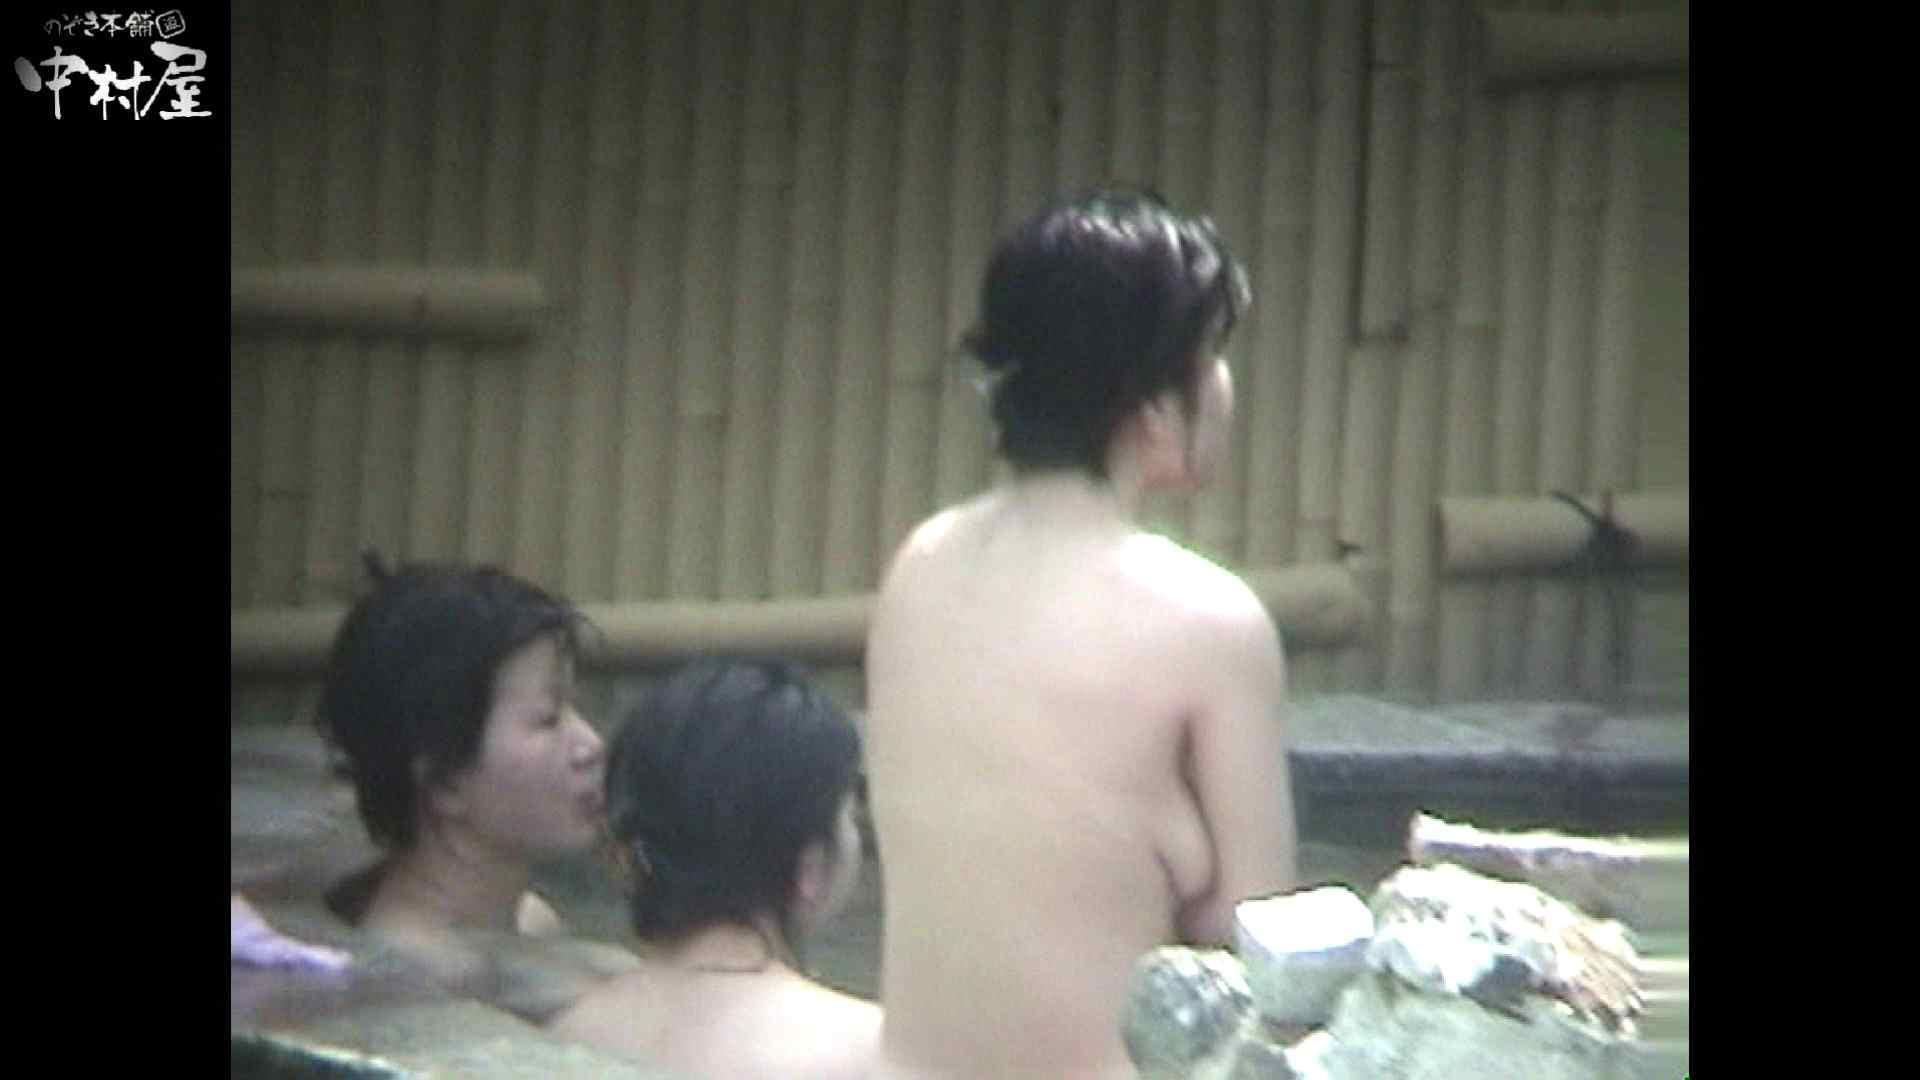 Aquaな露天風呂Vol.936 盗撮 | 露天  75画像 58